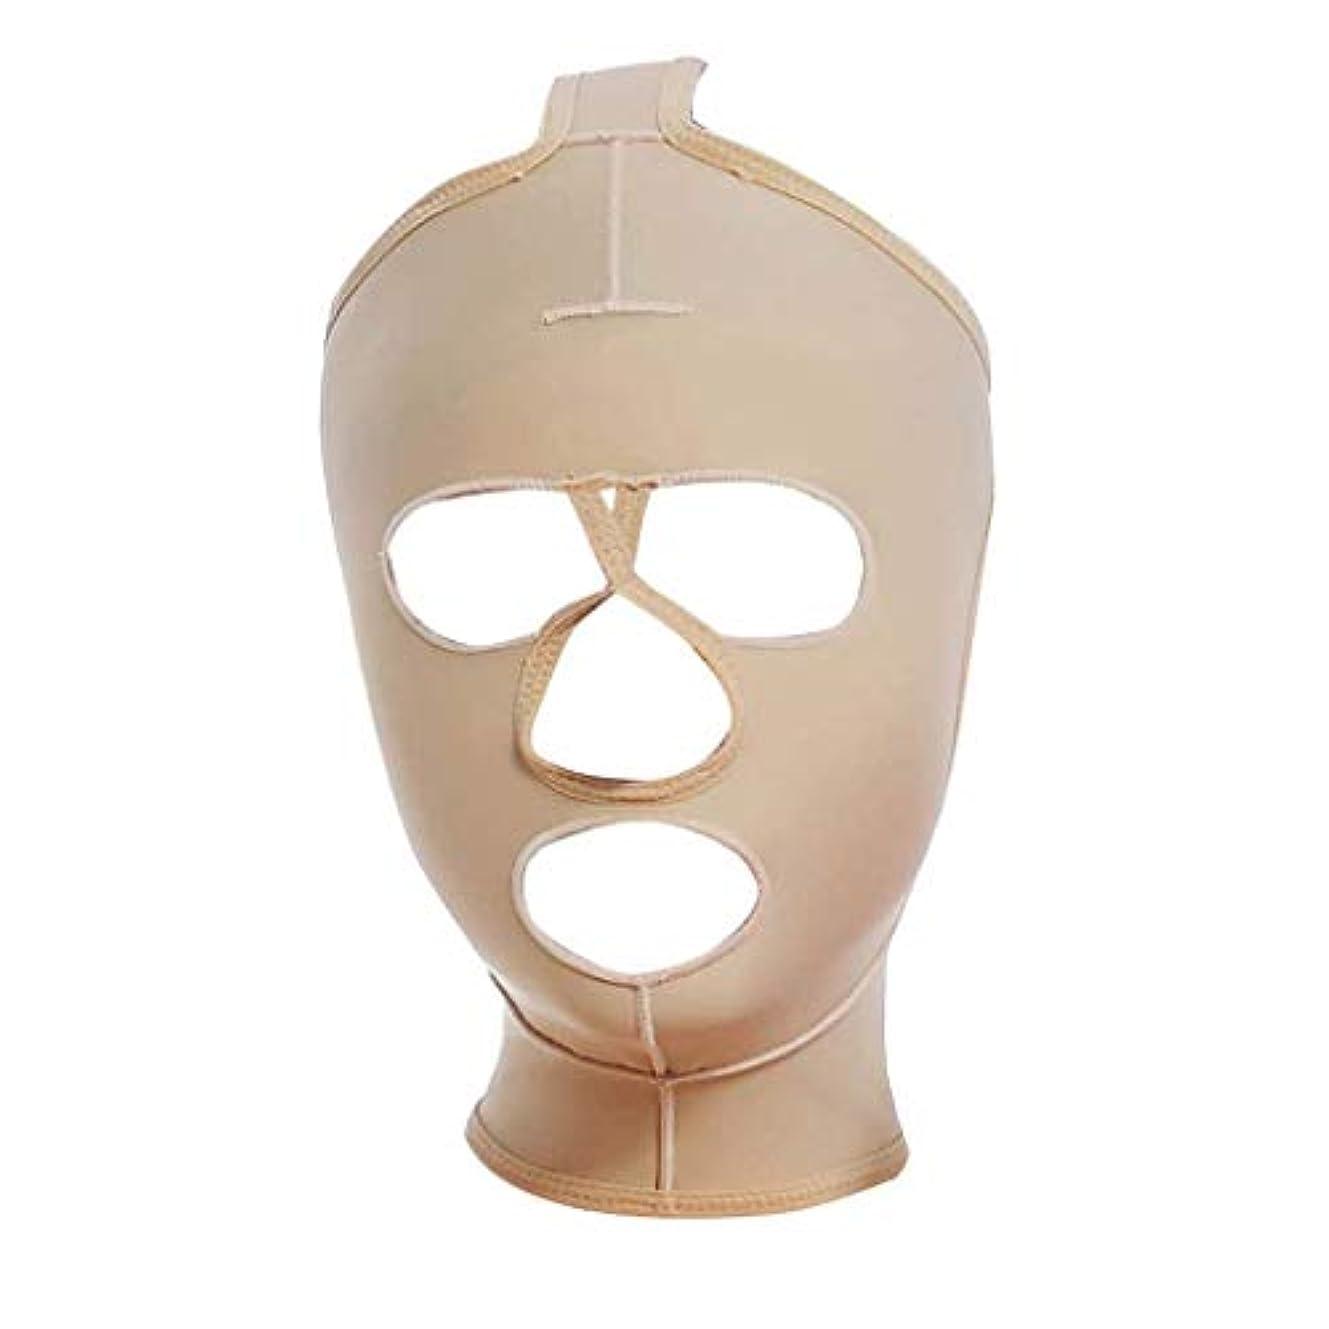 受賞お好奇心フェイスアンドネックリフト、減量フェイスマスク脂肪吸引術脂肪吸引術シェーピングマスクフードフェイスリフティングアーティファクトVフェイスビームフェイス弾性スリーブ(サイズ:L)